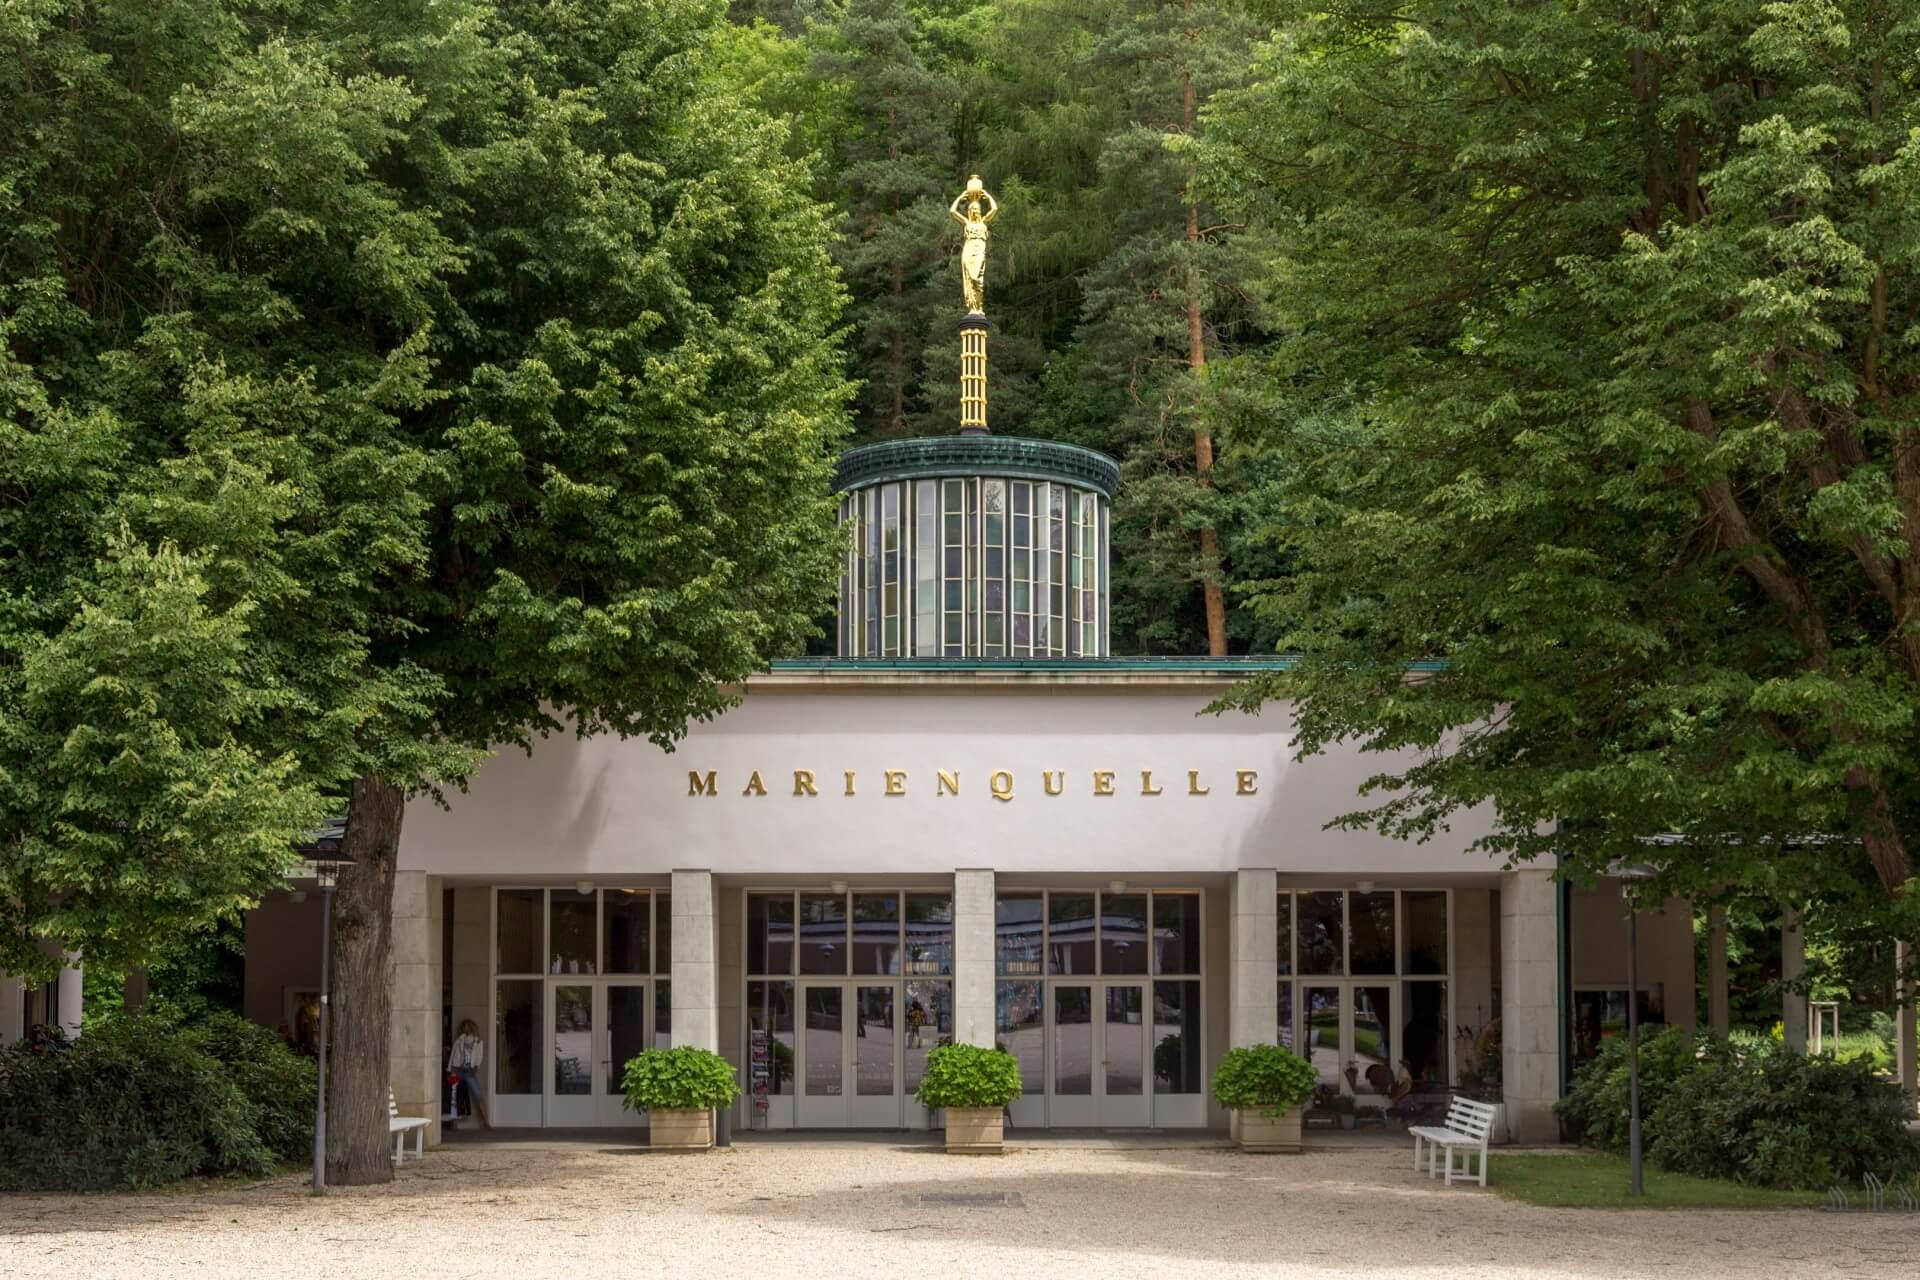 Gebäude der Marienquelle in Bad Elster